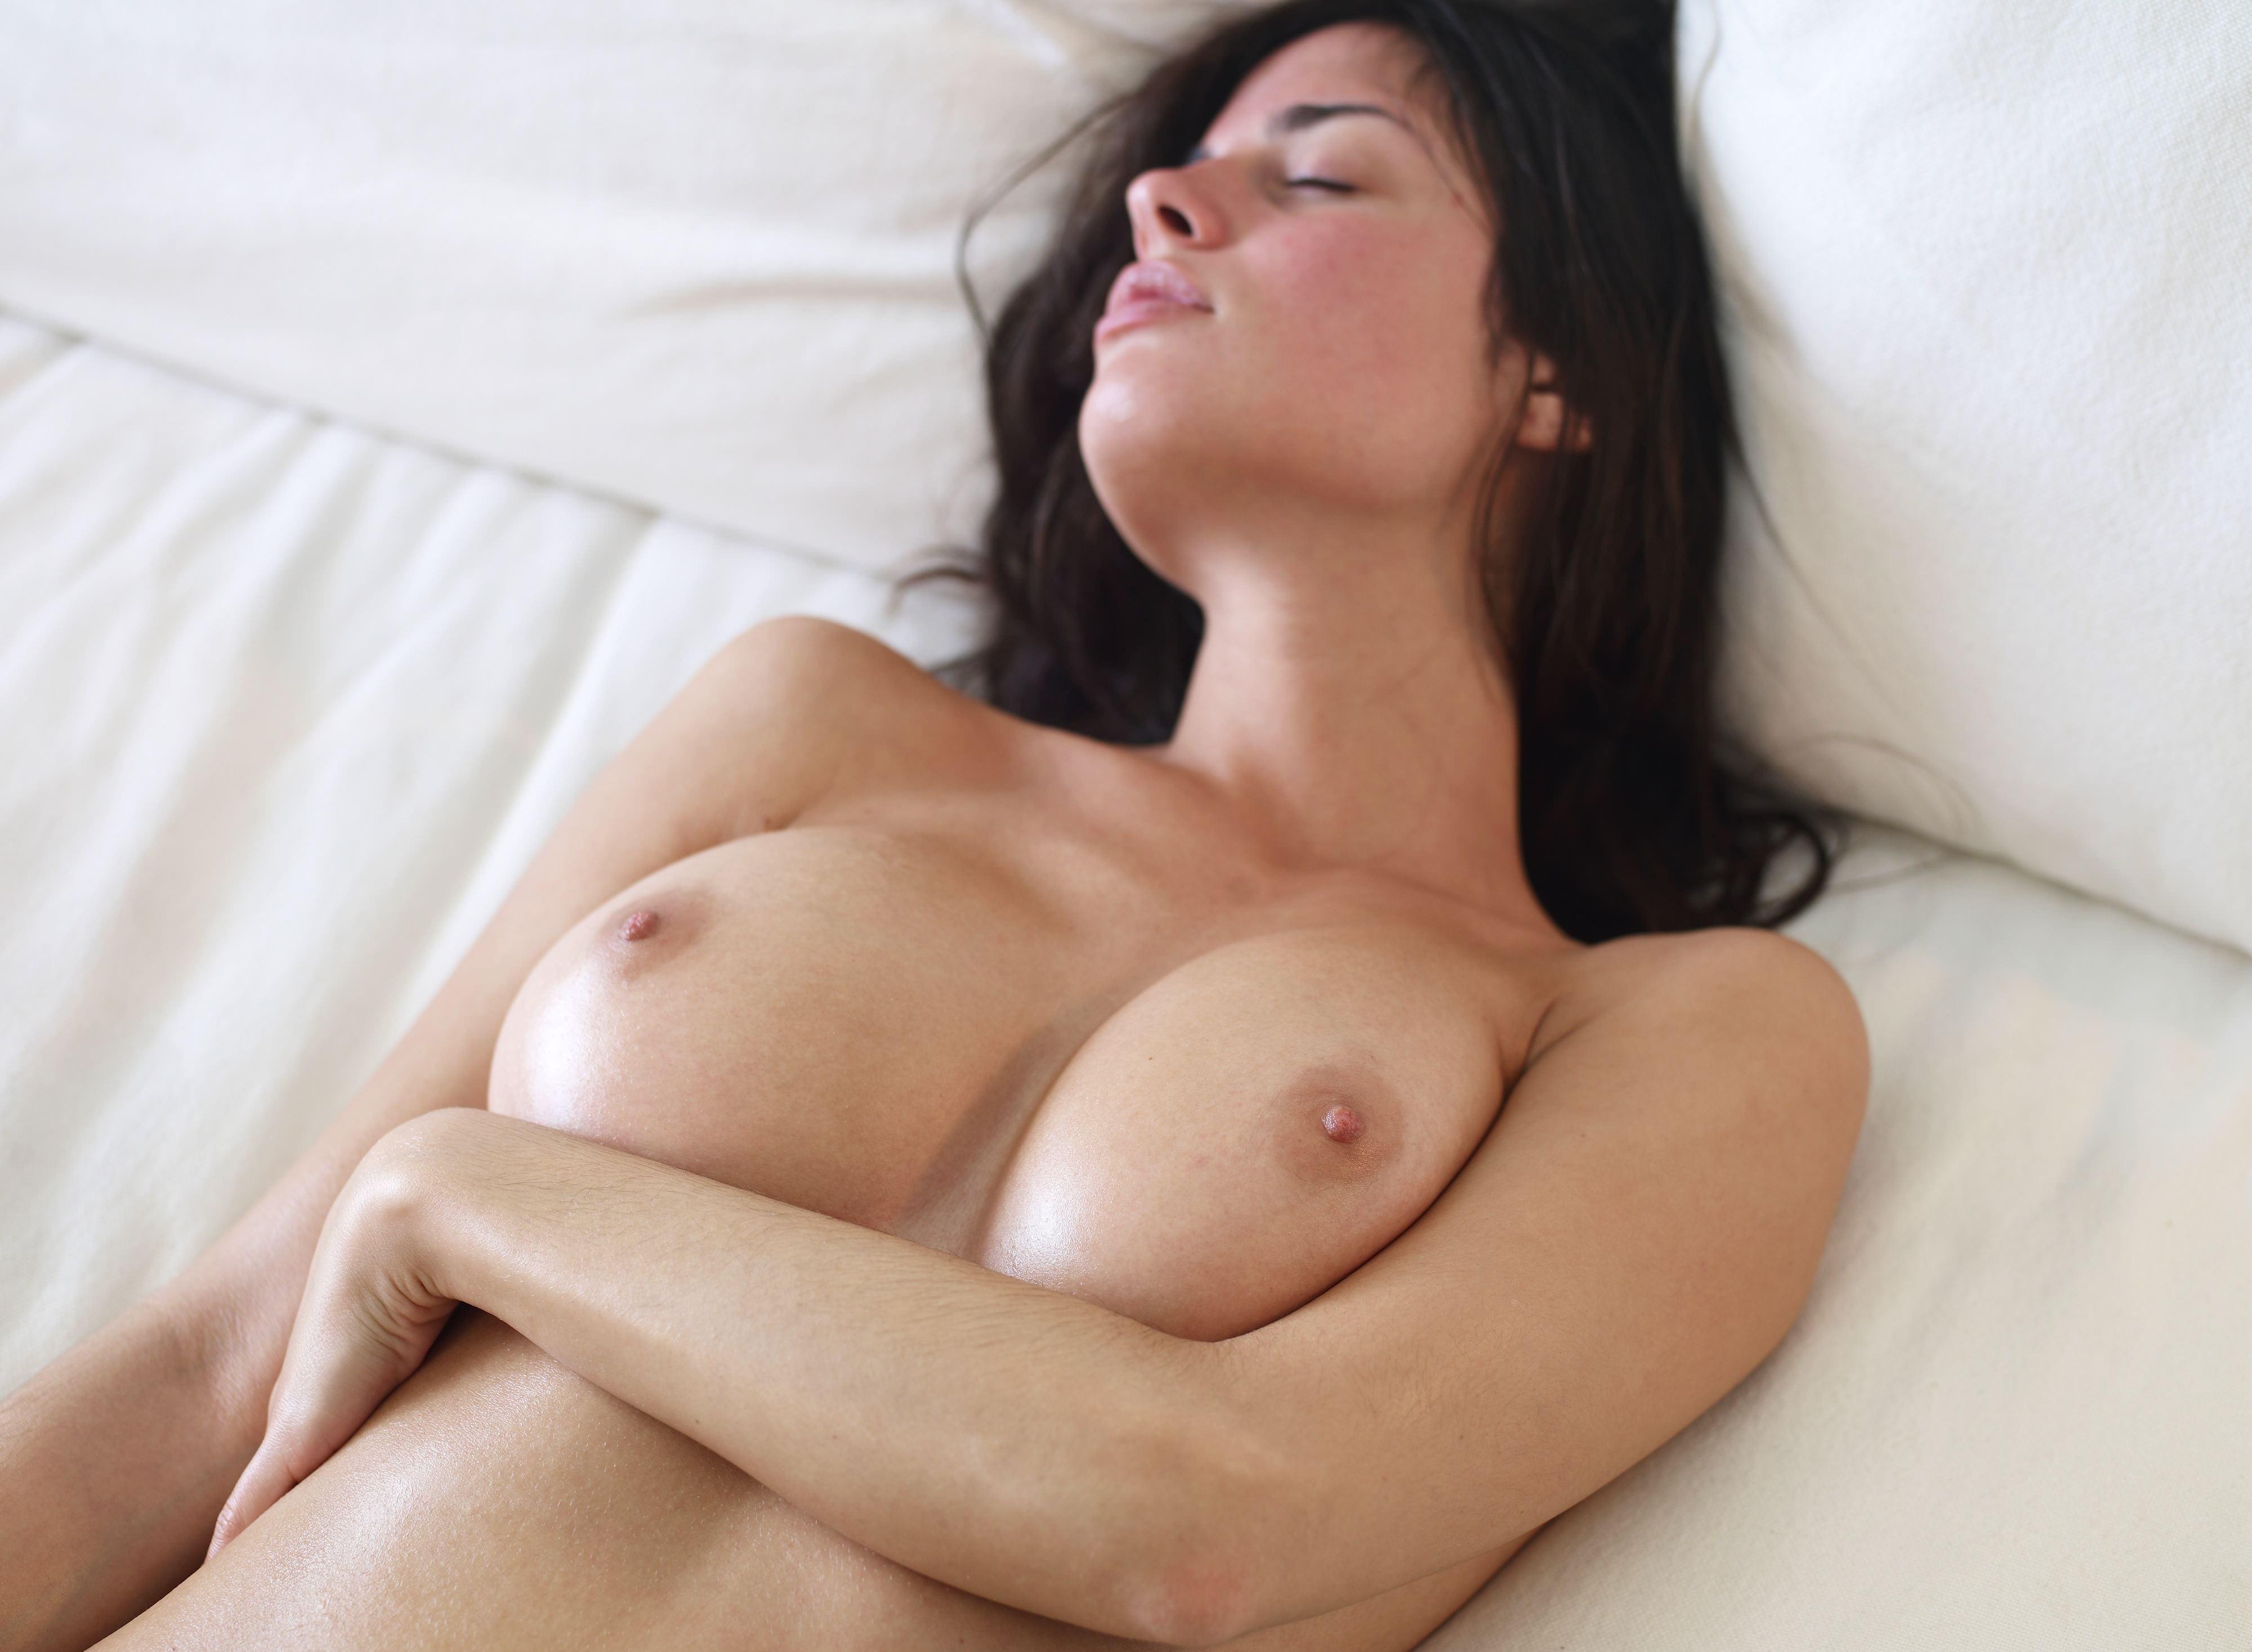 Фото Возбужденная молодая девушка лежит голая в постели утром, красивые упругие сиськи, натуральная красивая грудь блестит на солнце, брюнетка на кровати, сексуальное тело, сладкие соски, сочные сиськи. Naked brunette on the bed, sexy, seductive, temptation, nice tits, pink nipples, shiny boobs, erotic, скачать картинку бесплатно